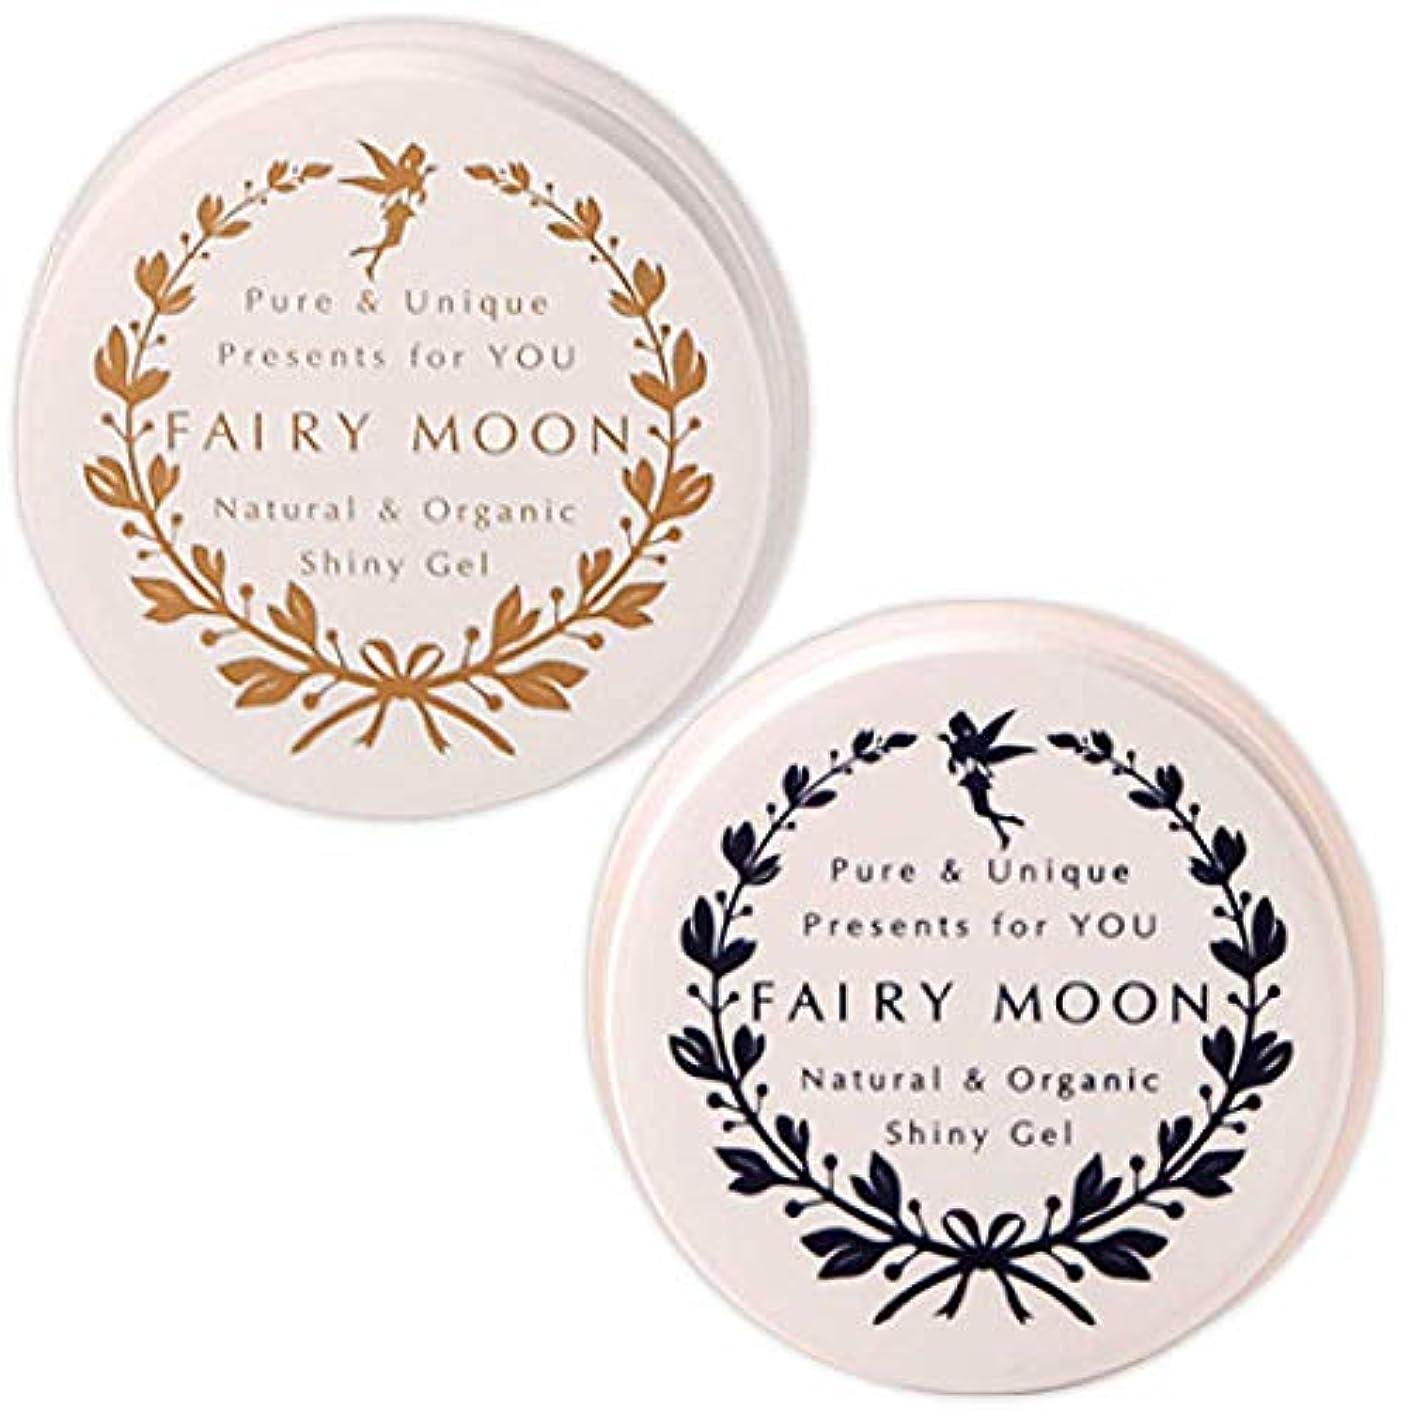 セブン描写多様な【公式】Fairy Moon:お尻のためだけに作られた専用美容ジェル。夏までにつるピカキレイに!その悩みもう大丈夫?今雑誌で話題のヒップケア?ノーベル賞受賞成分高配合?皆様に愛されて16万個突破。 (1)